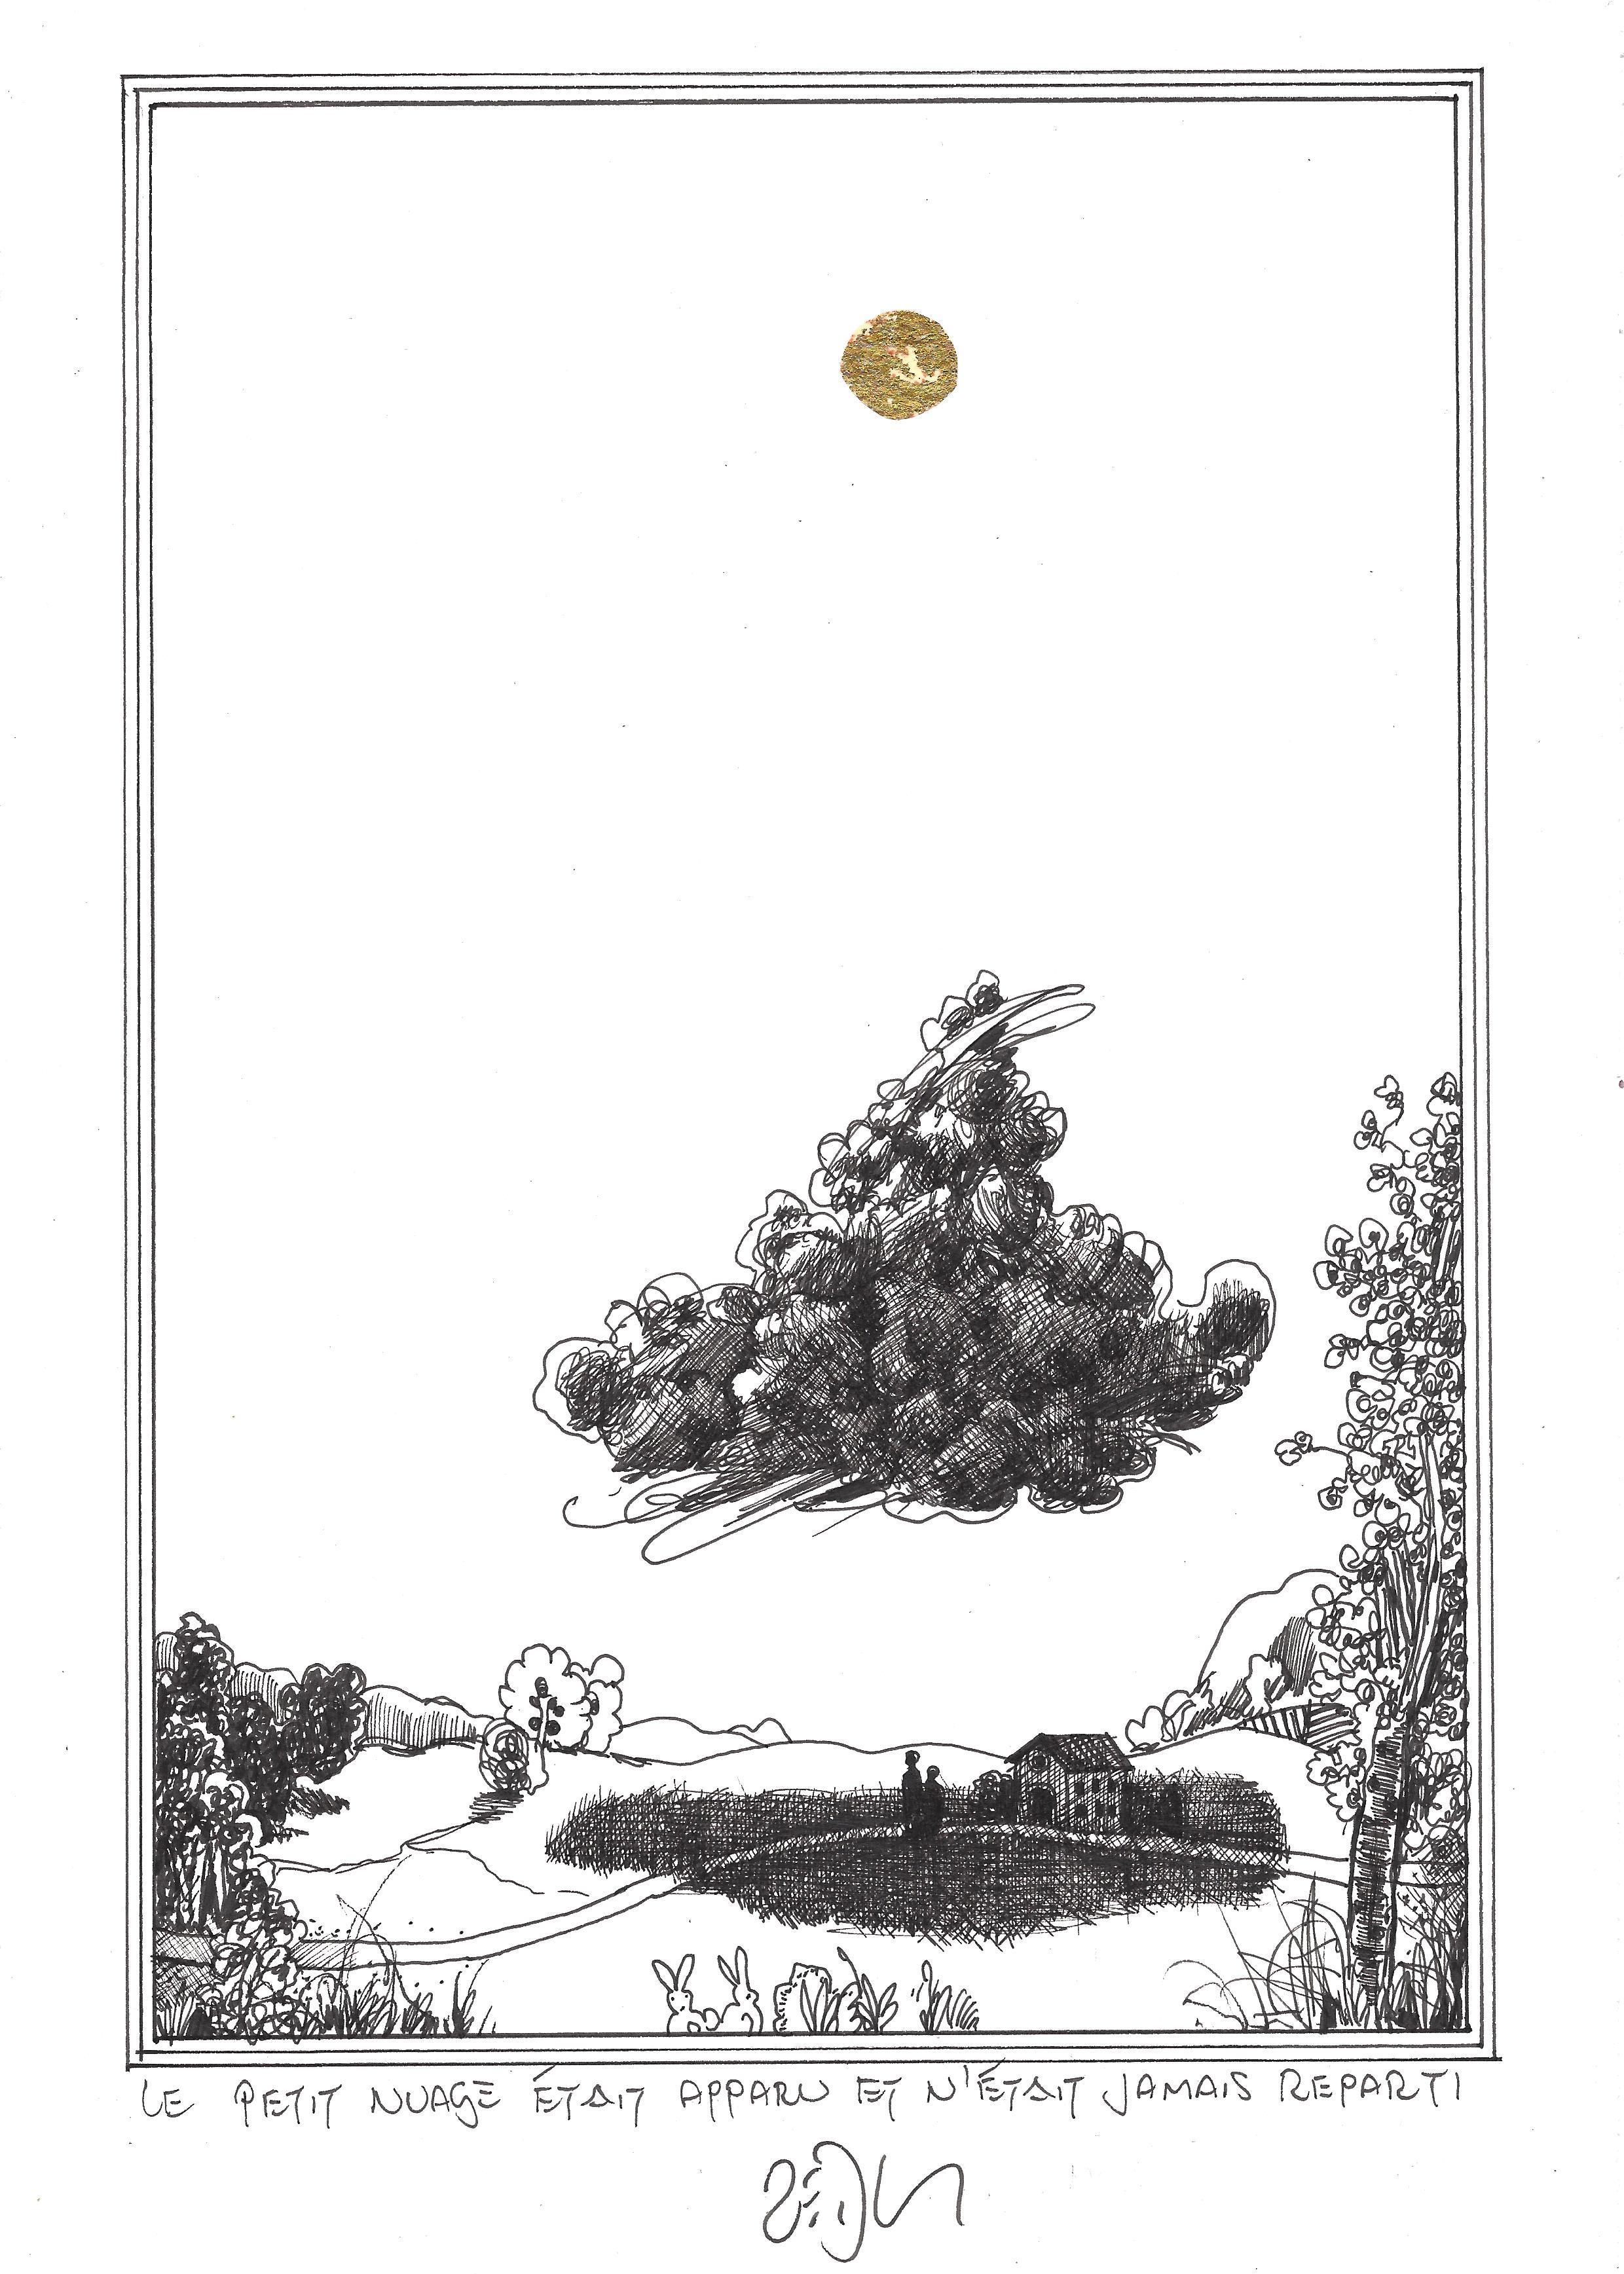 « The little cloud had moved in, never to leave again – Le petit nuage était apparu et n'était jamais reparti »